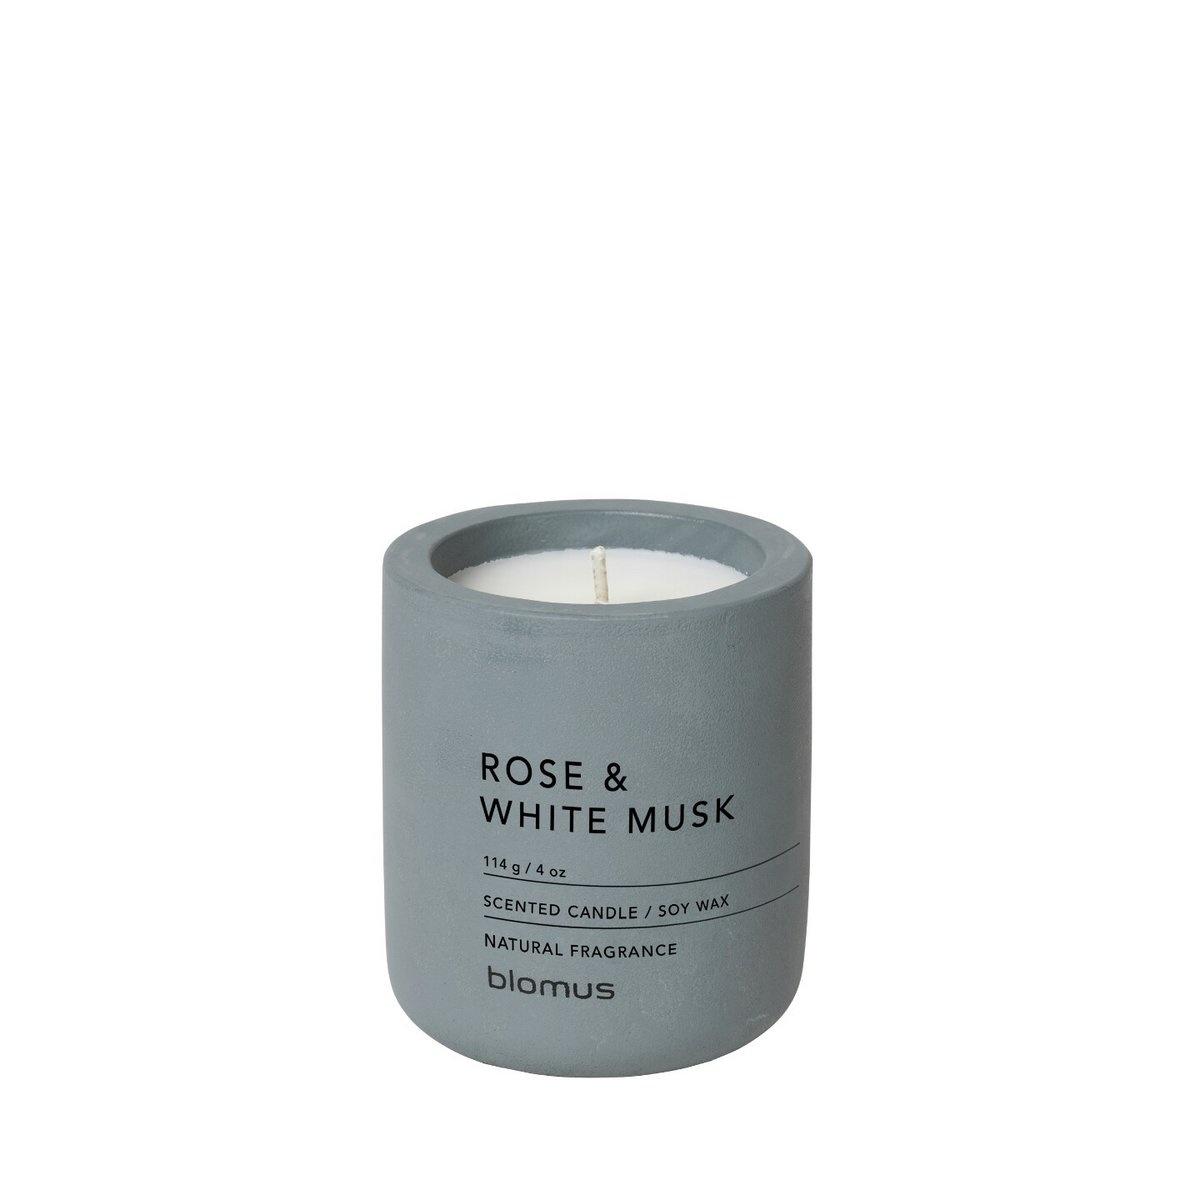 Kaars Rose & White musk Flint stone 24H 6.5cm-1